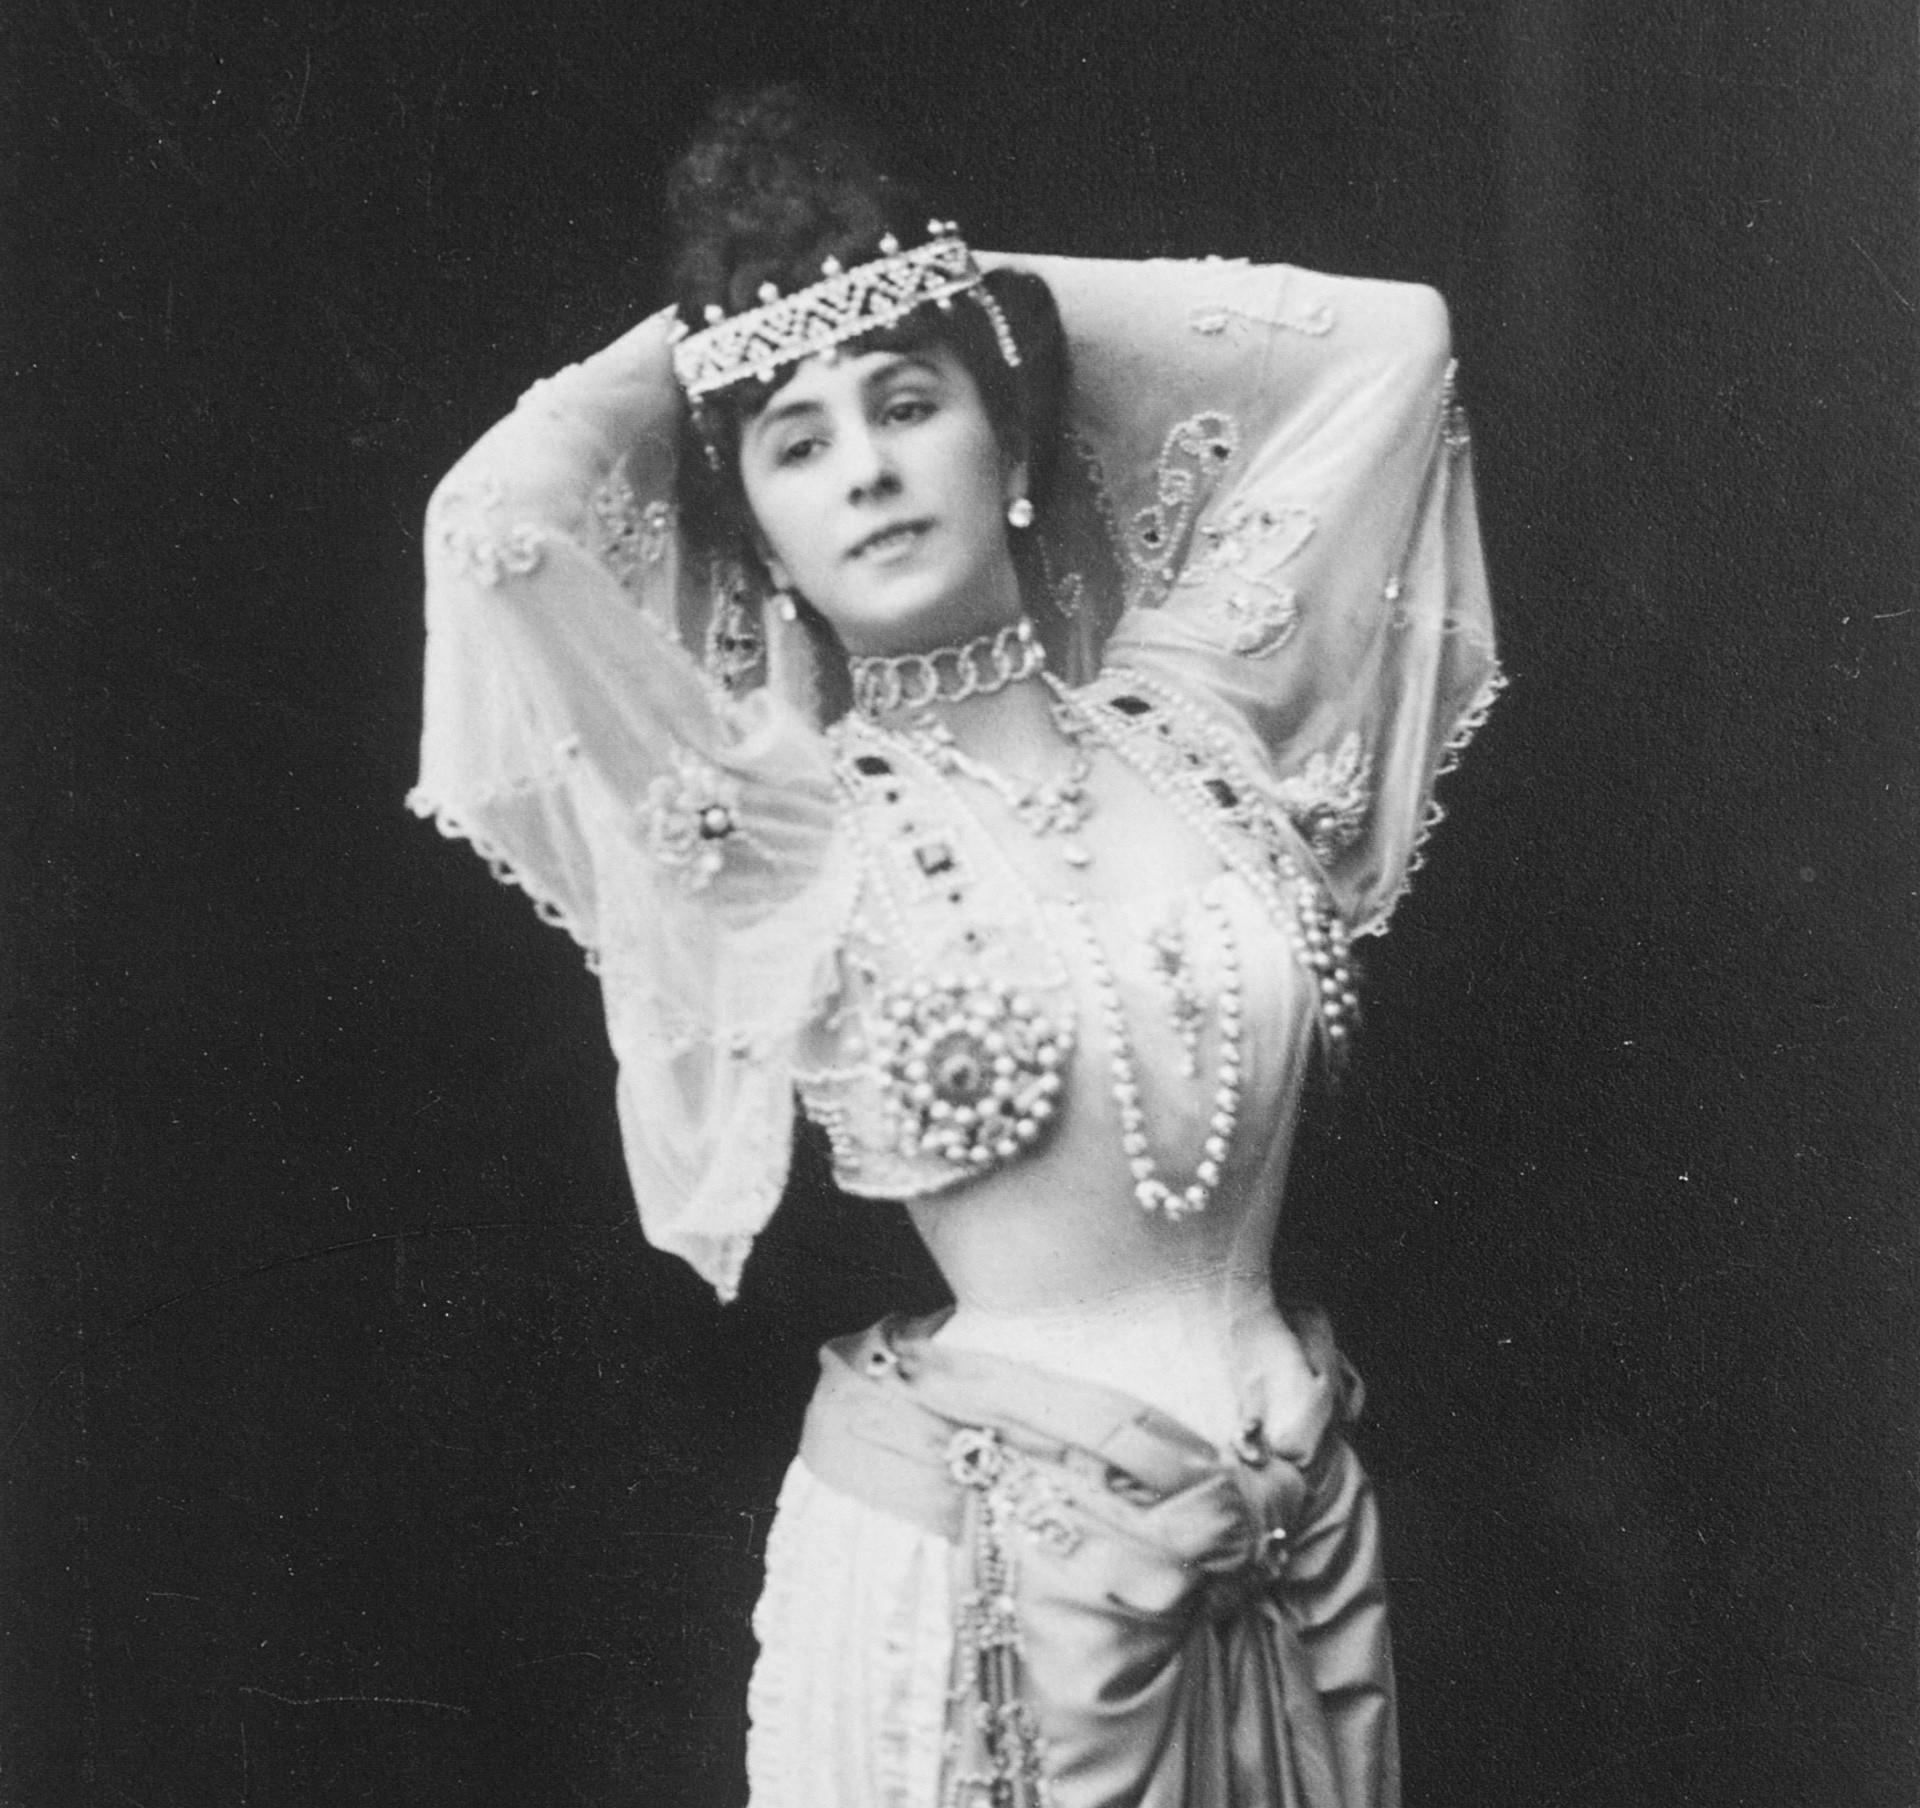 La ballerina Matilda Kshesinskaja